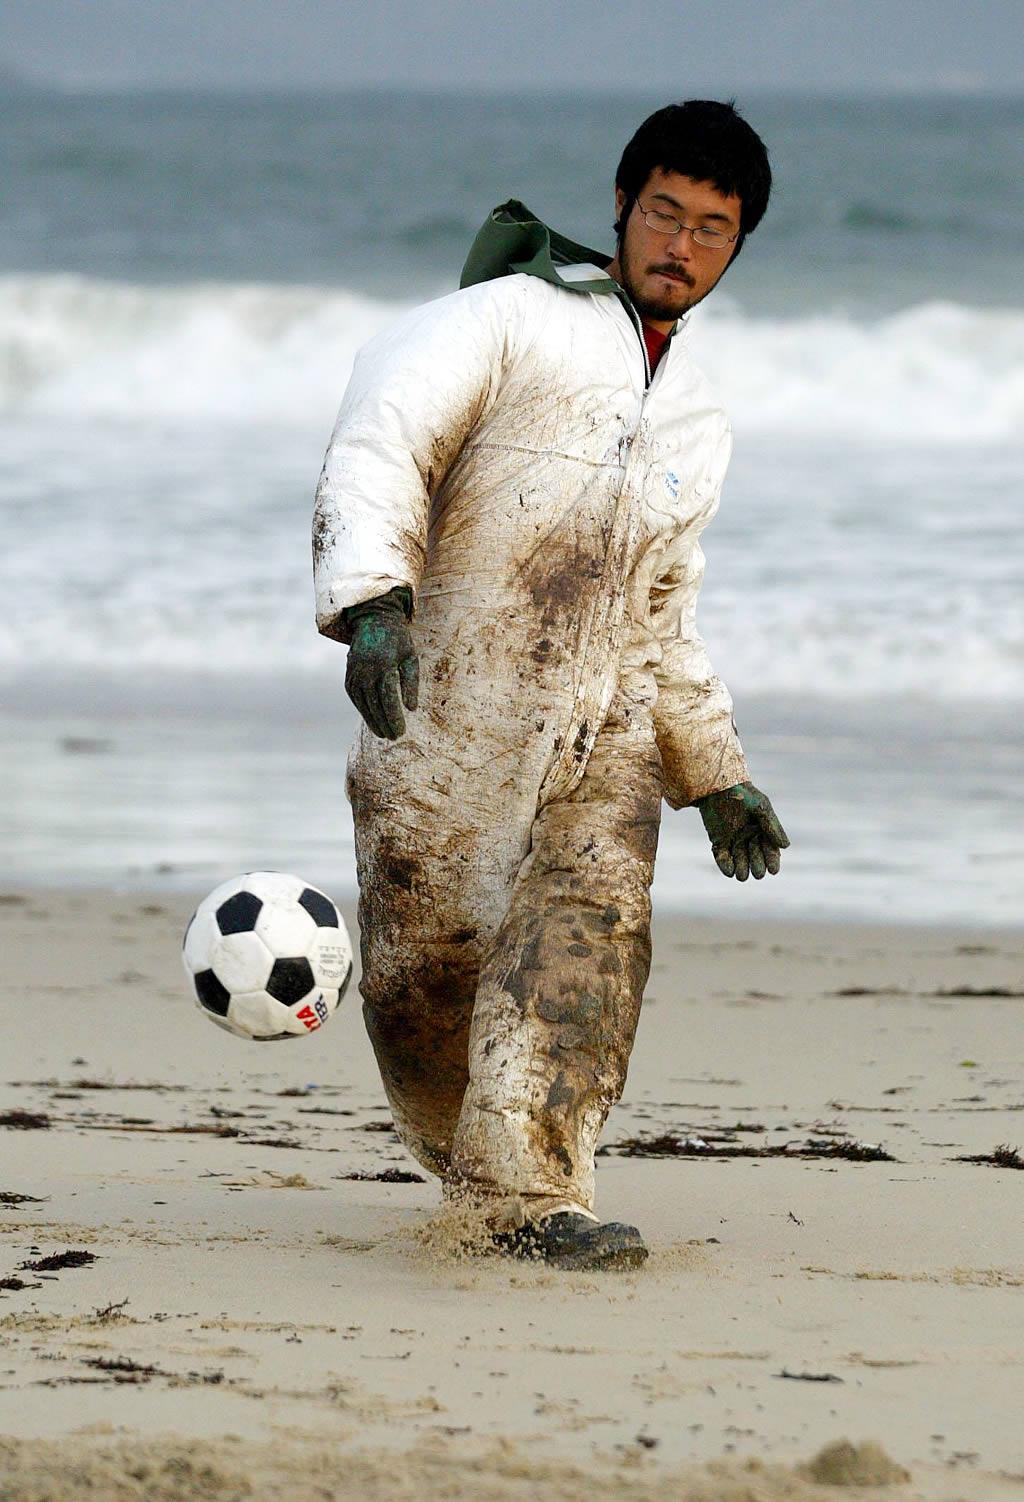 Cualquier lugar es bueno para patear un balón <br>Manuel Queimadelos